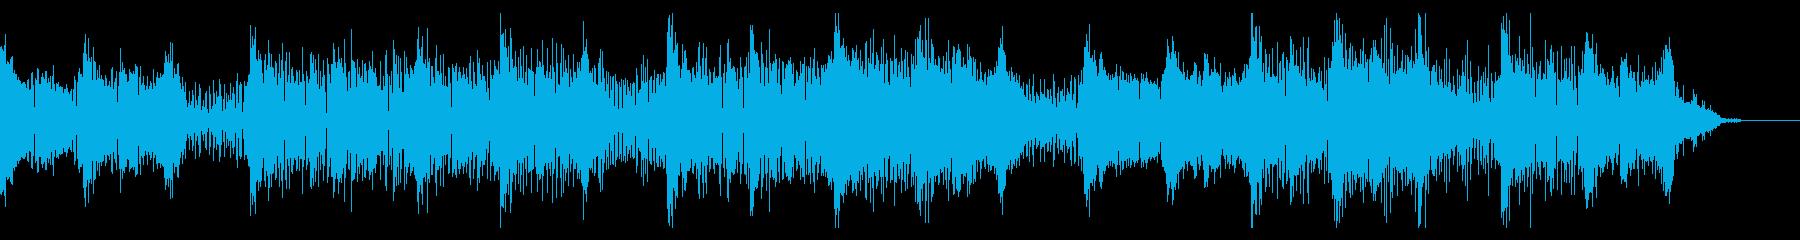 ダークに迫る緊張感あるブレイクの再生済みの波形